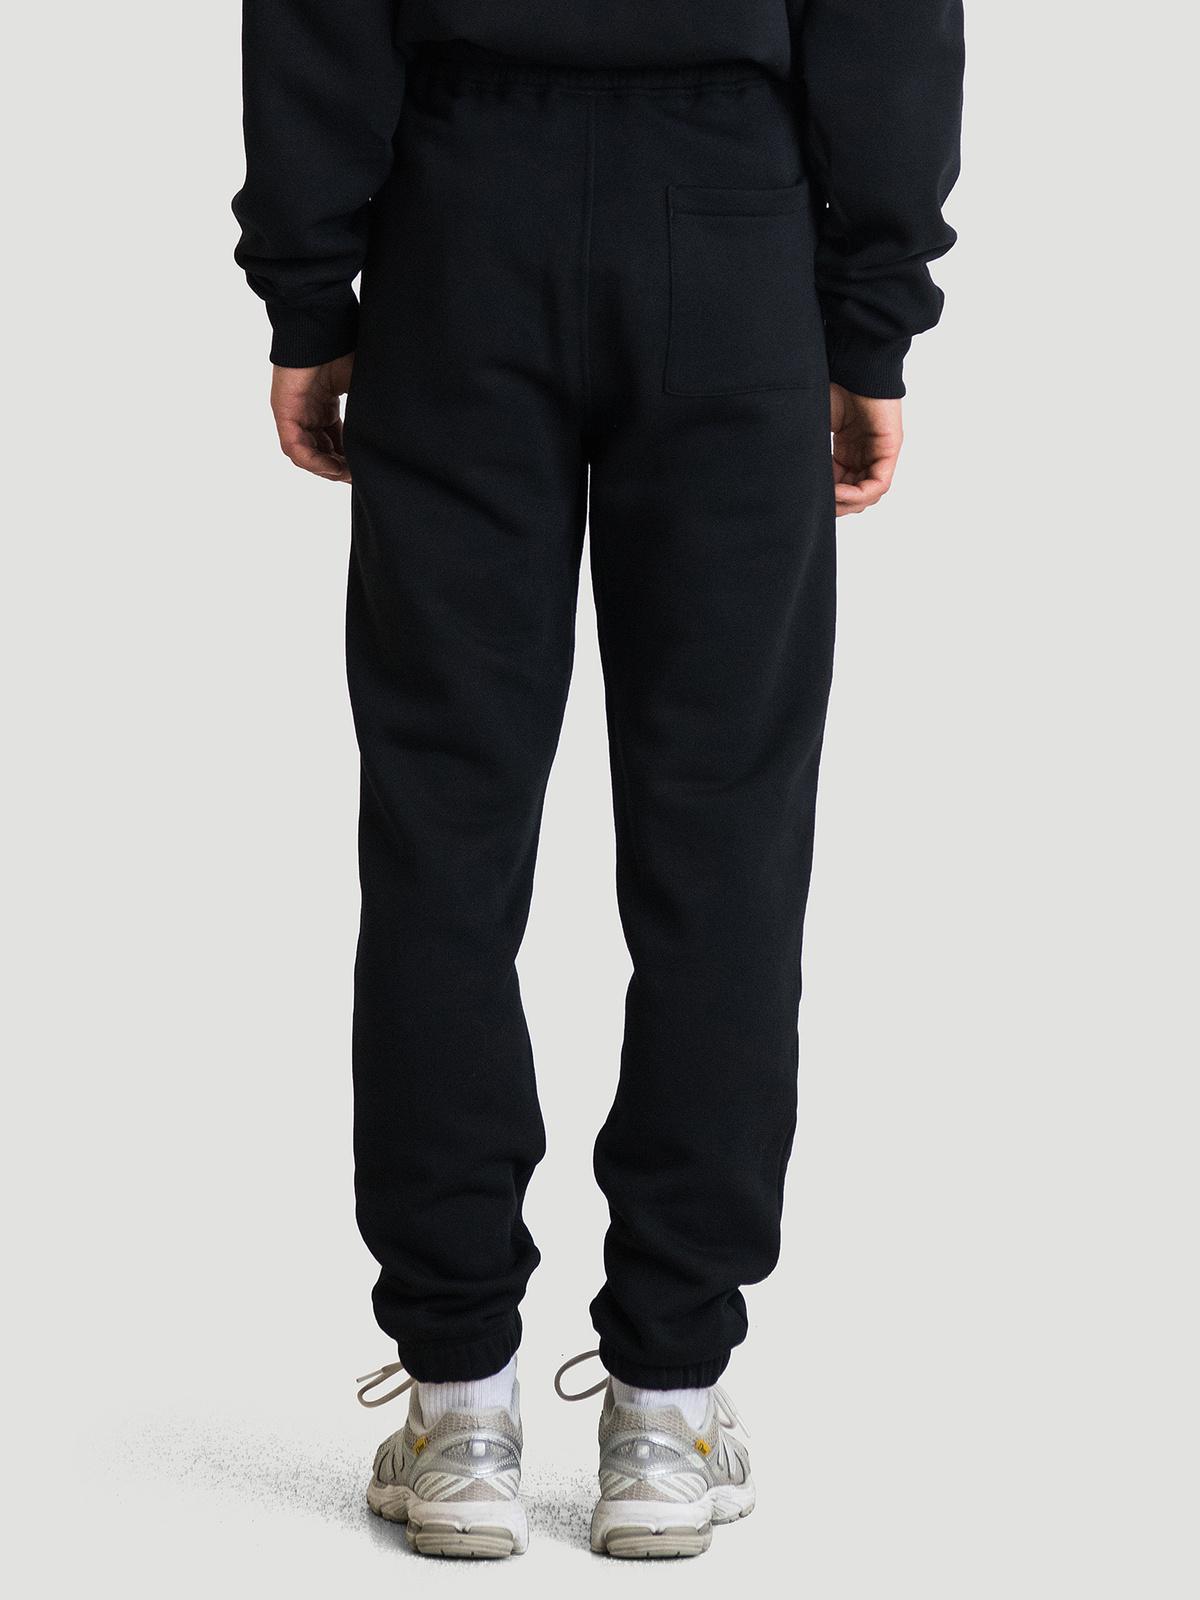 Hanger Trousers Black 9